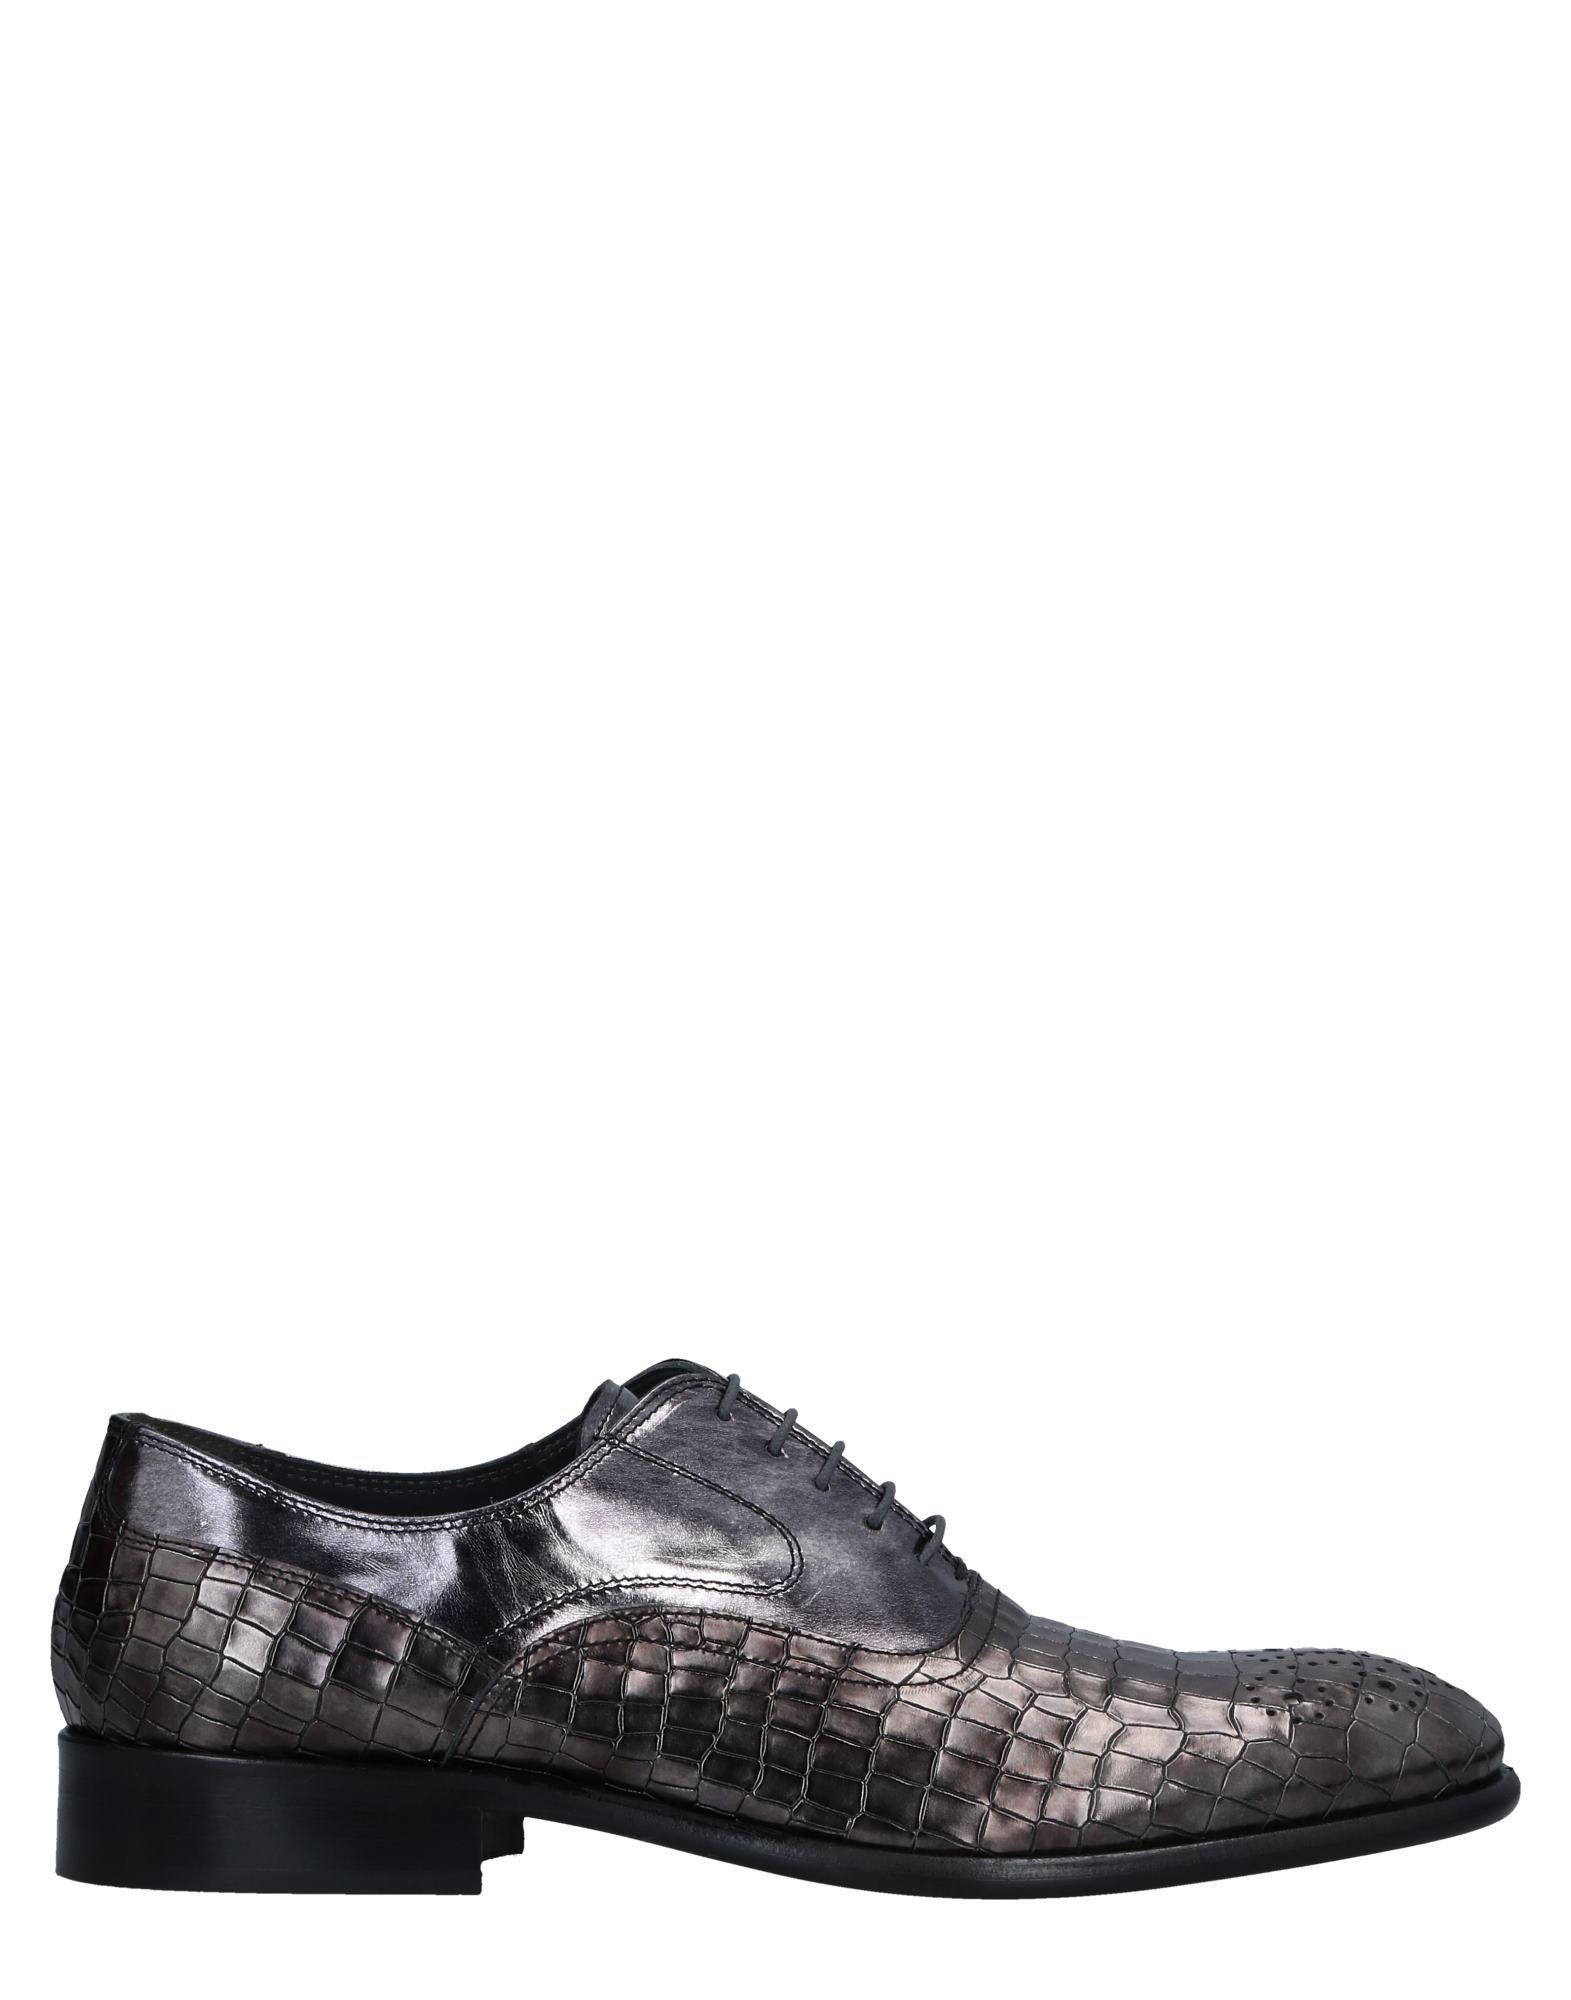 Giovanni Conti Schnürschuhe Herren  11519617VE Gute Qualität beliebte Schuhe